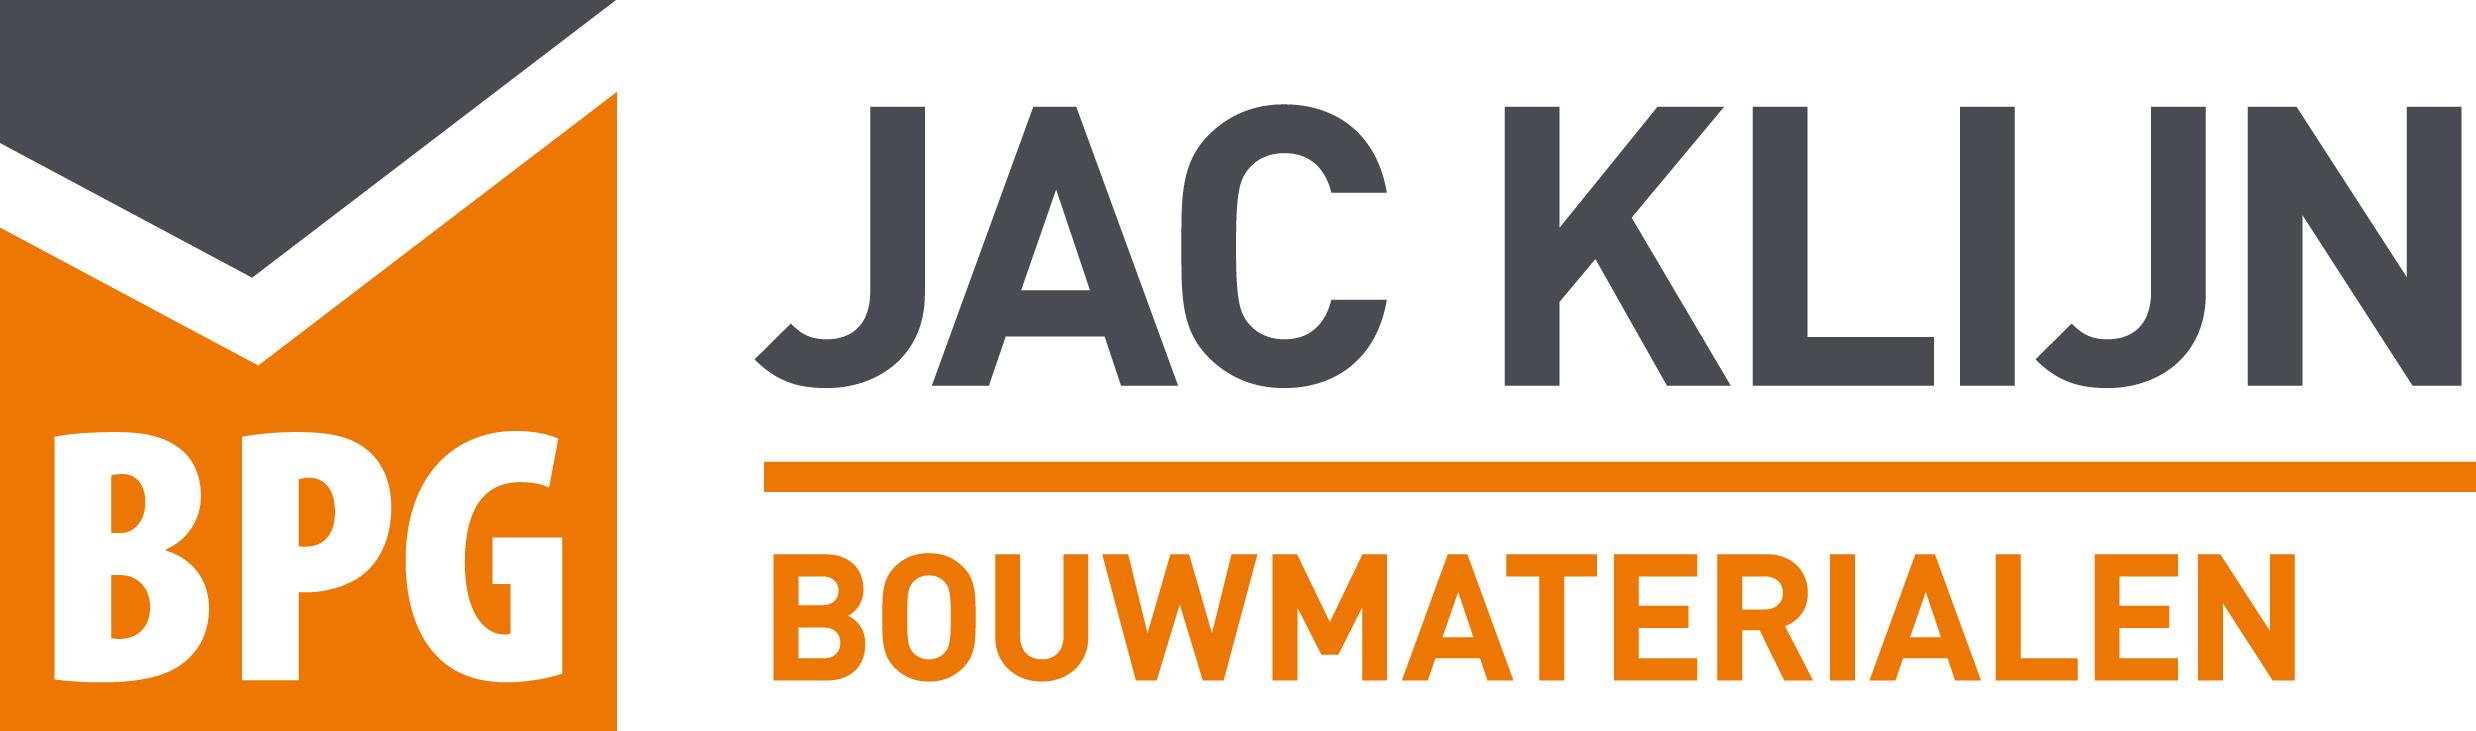 BPG-Jac-Klijn-V1-JPEG.jpg